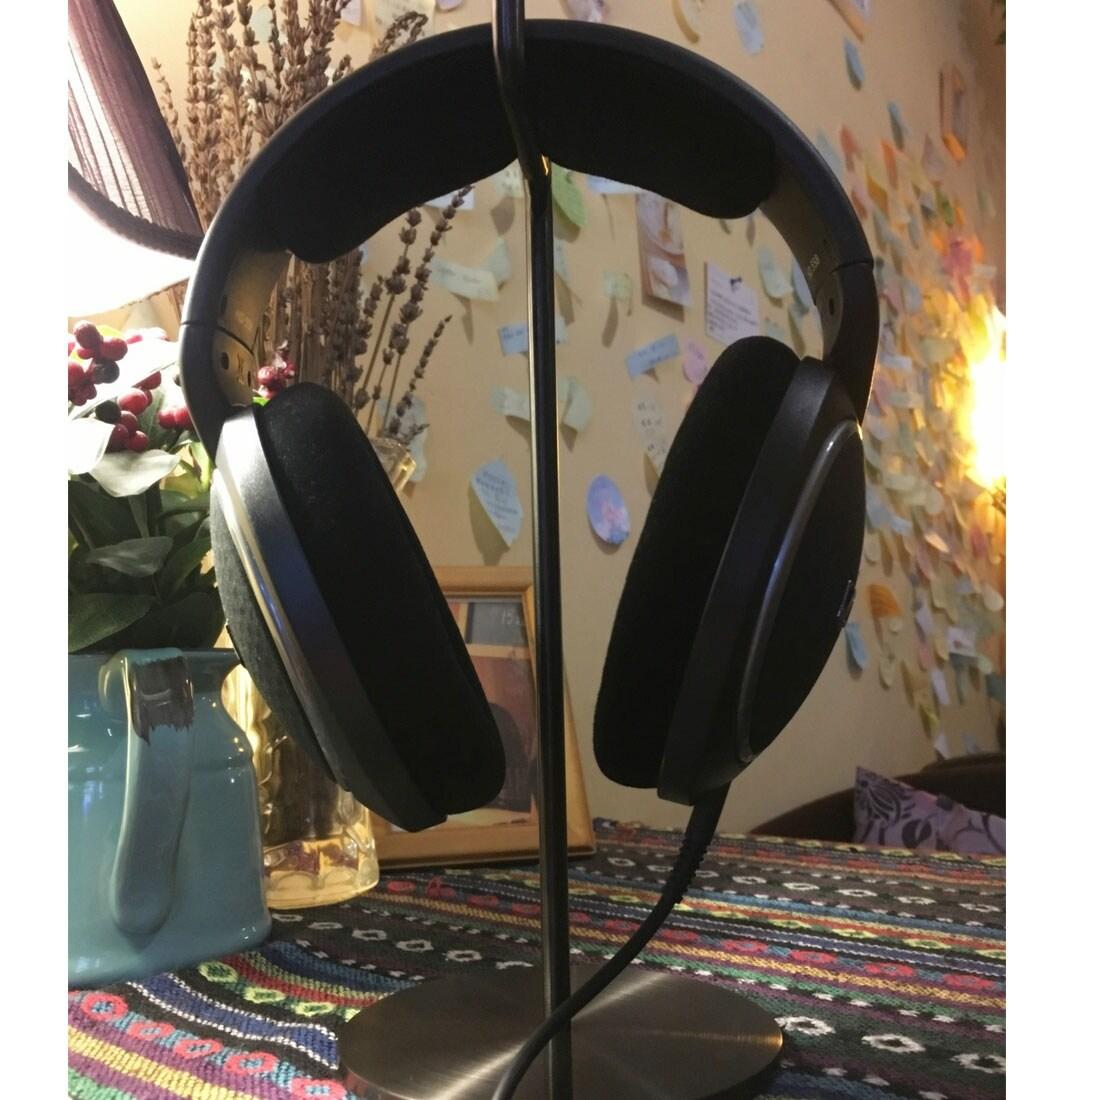 Headphone Holder Shelf Rack Game Headset Stand Hanger Dock Bracket Black for PC - Free Shipping